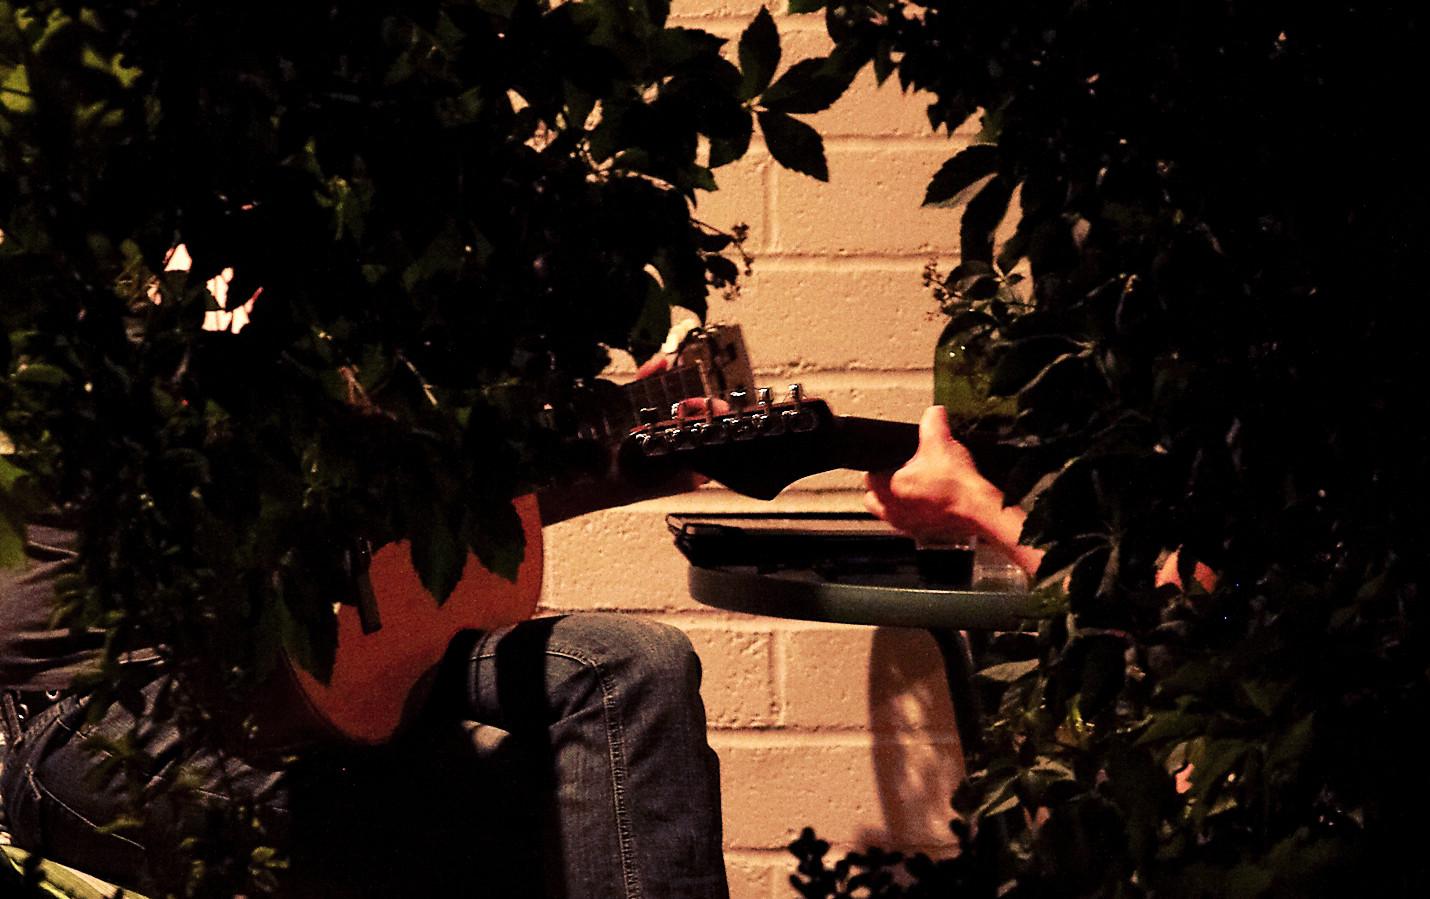 Typisches Bild: Musiker aus LA sitzen vor ihrem Zimmer bei einer Flasche Wein und covern Songs von Parsons und Townes Van Zandt. (Foto: Christian Düringer)